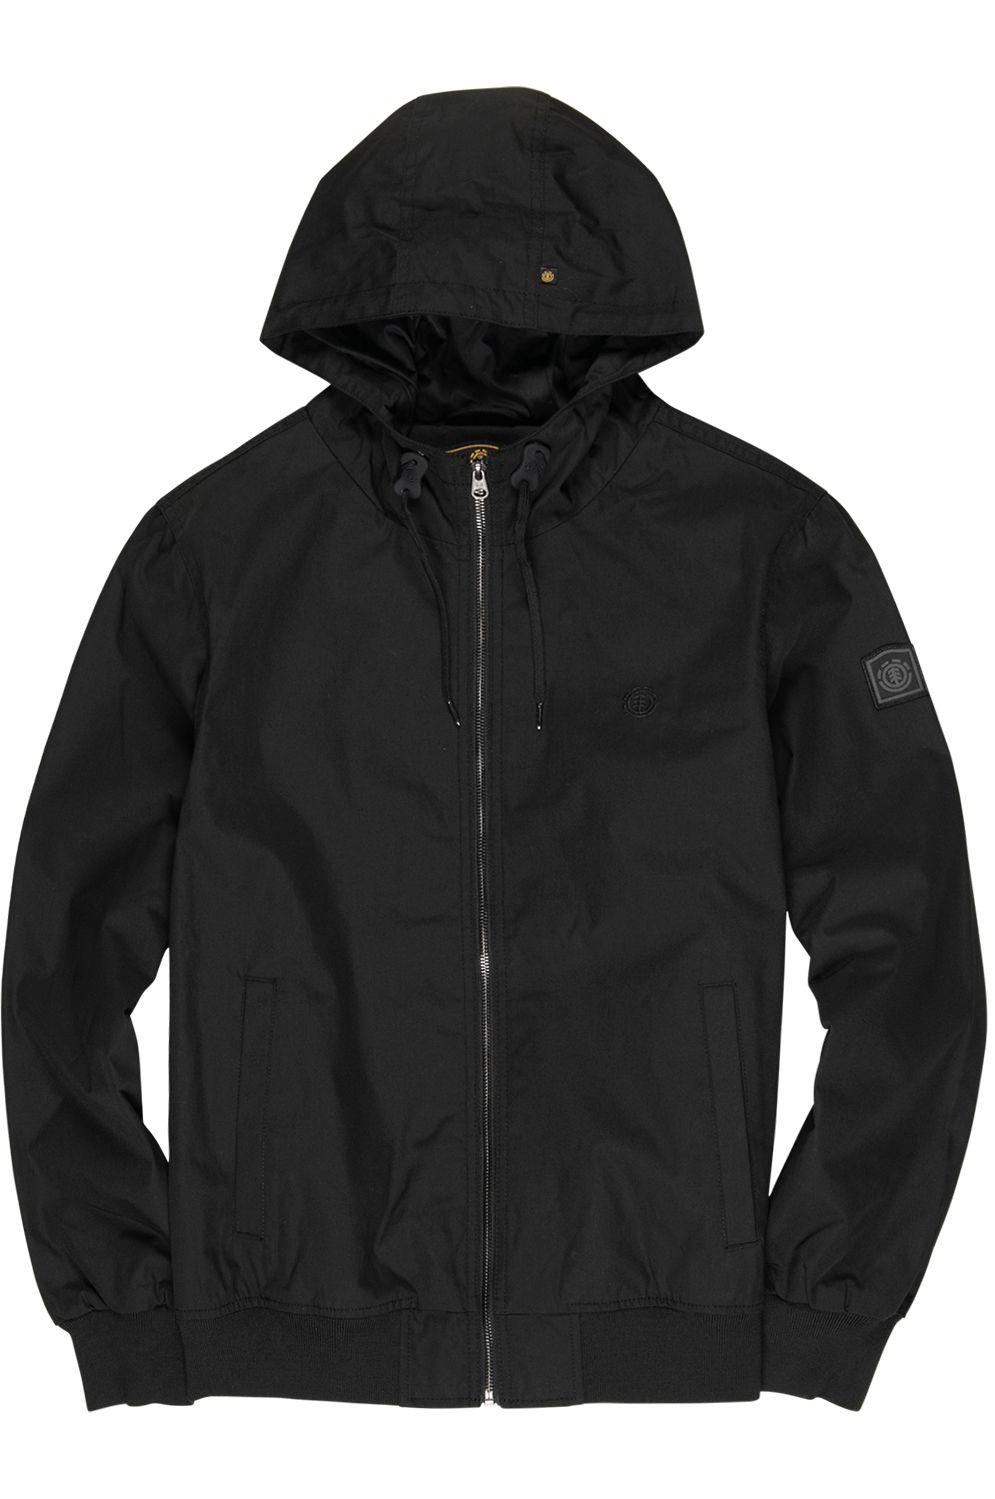 Element Jacket DULCEY LIGHT WOLFEBORO Flint Black